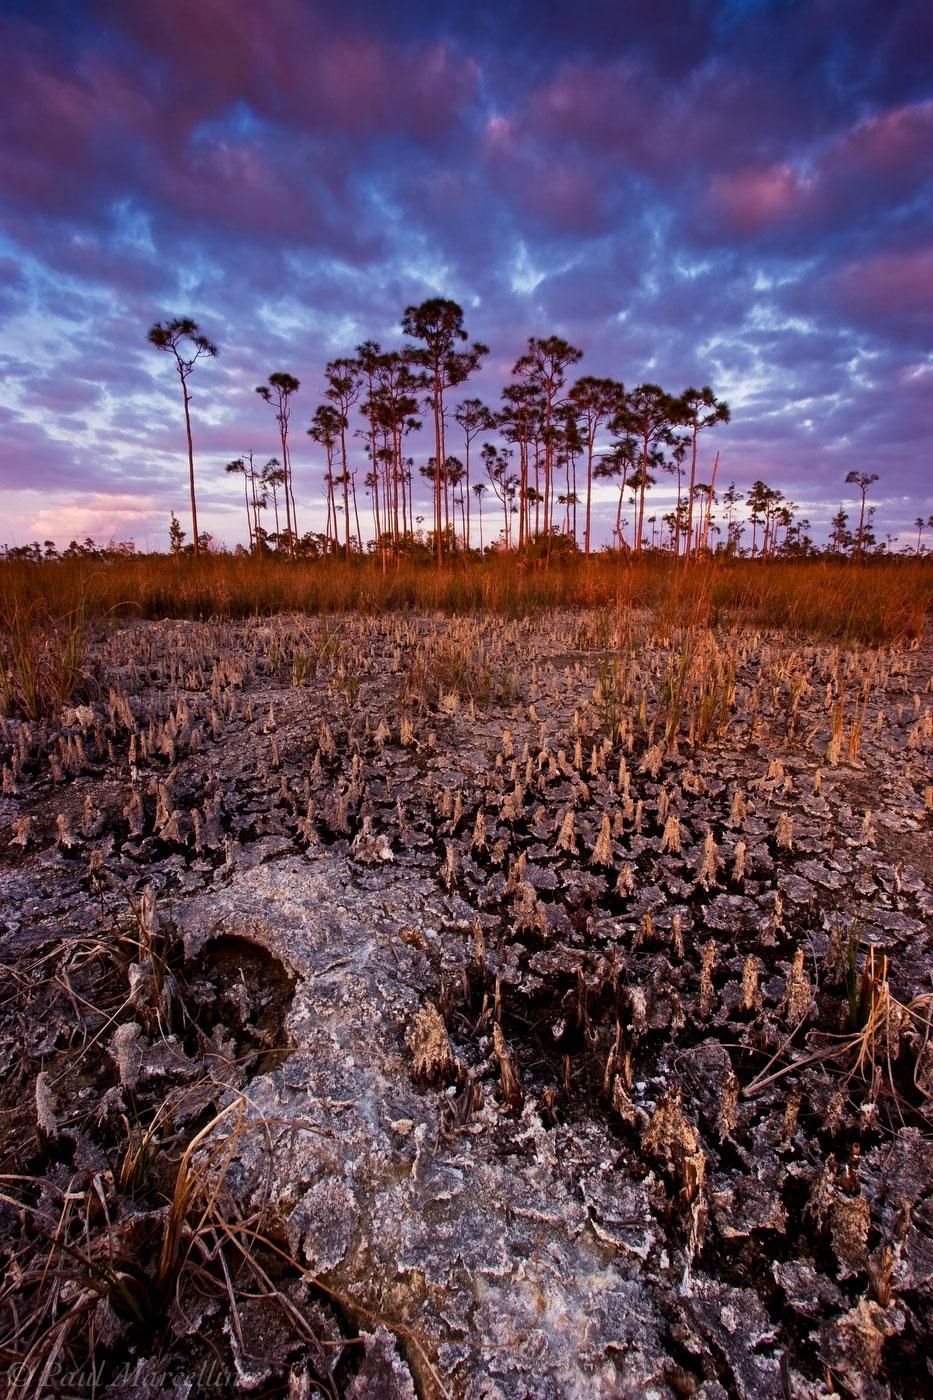 everglades, pinelands, sunset, periphyton, dry season, Florida, nature, photography, florida national parks, photo